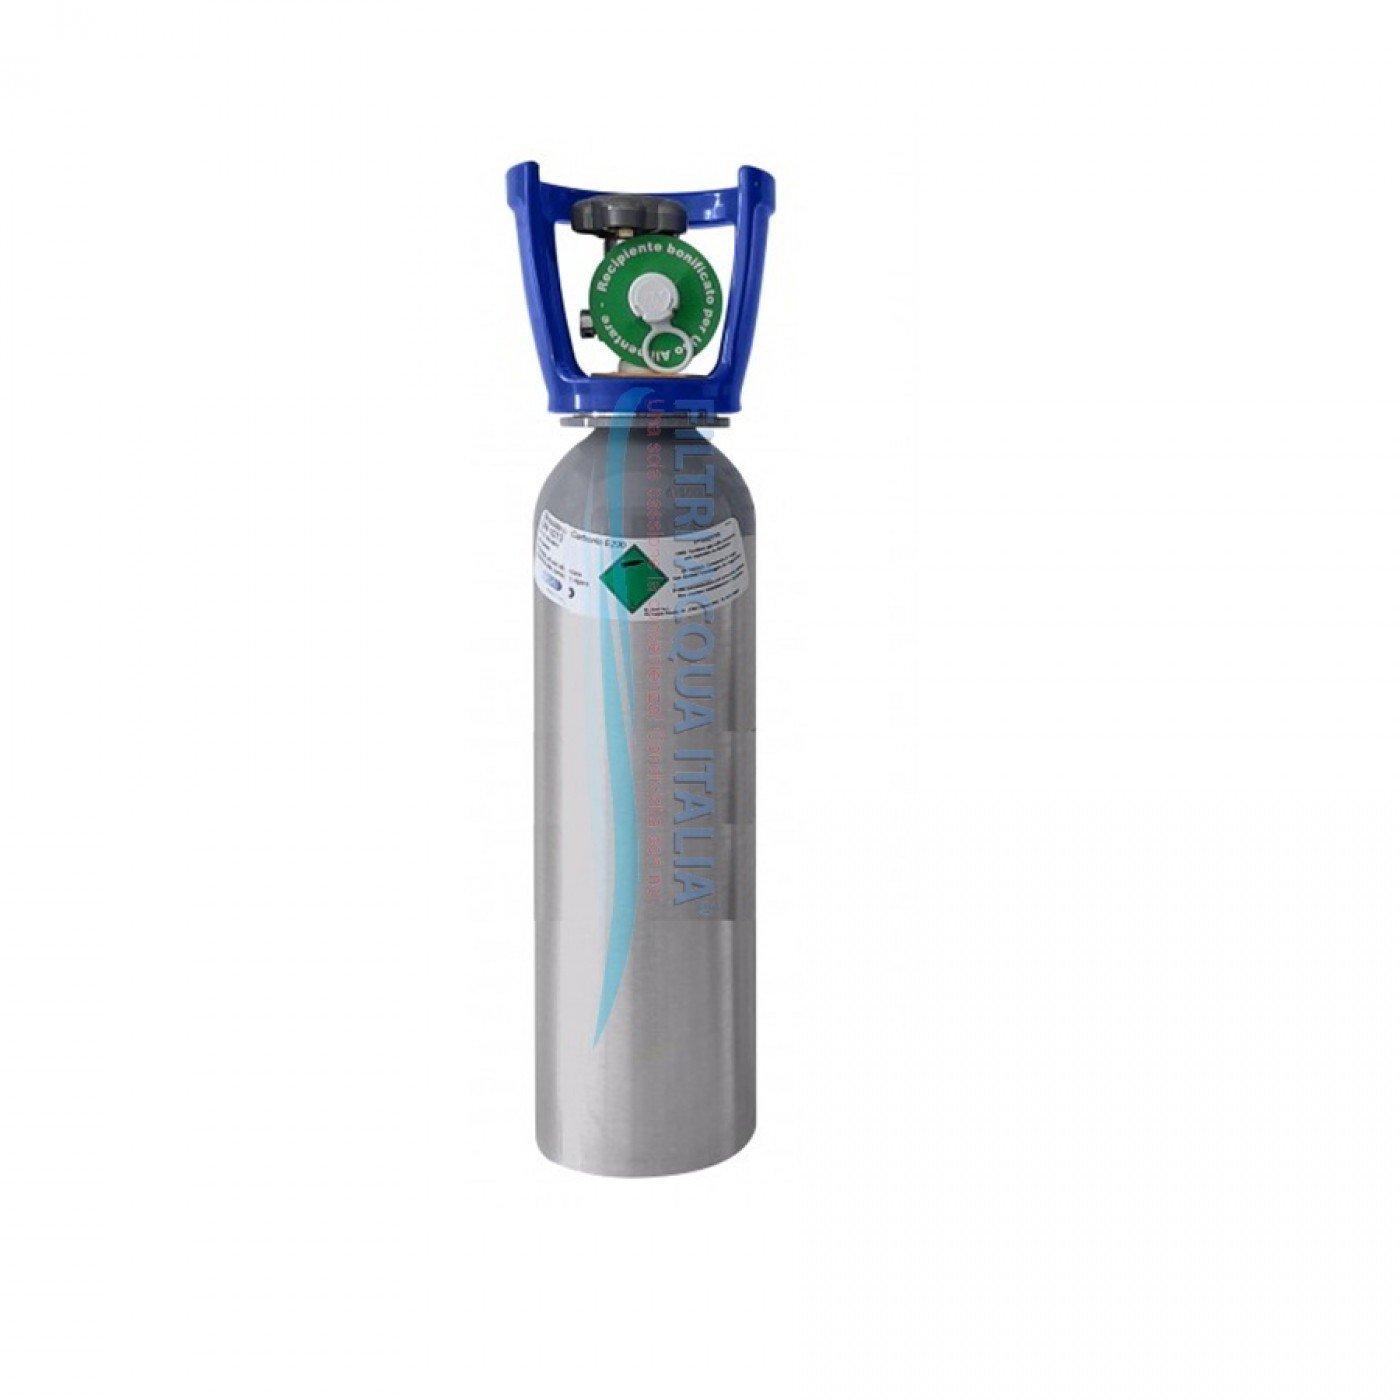 Bombola Co2 Ricaricabile 2 Kg in Allluminio